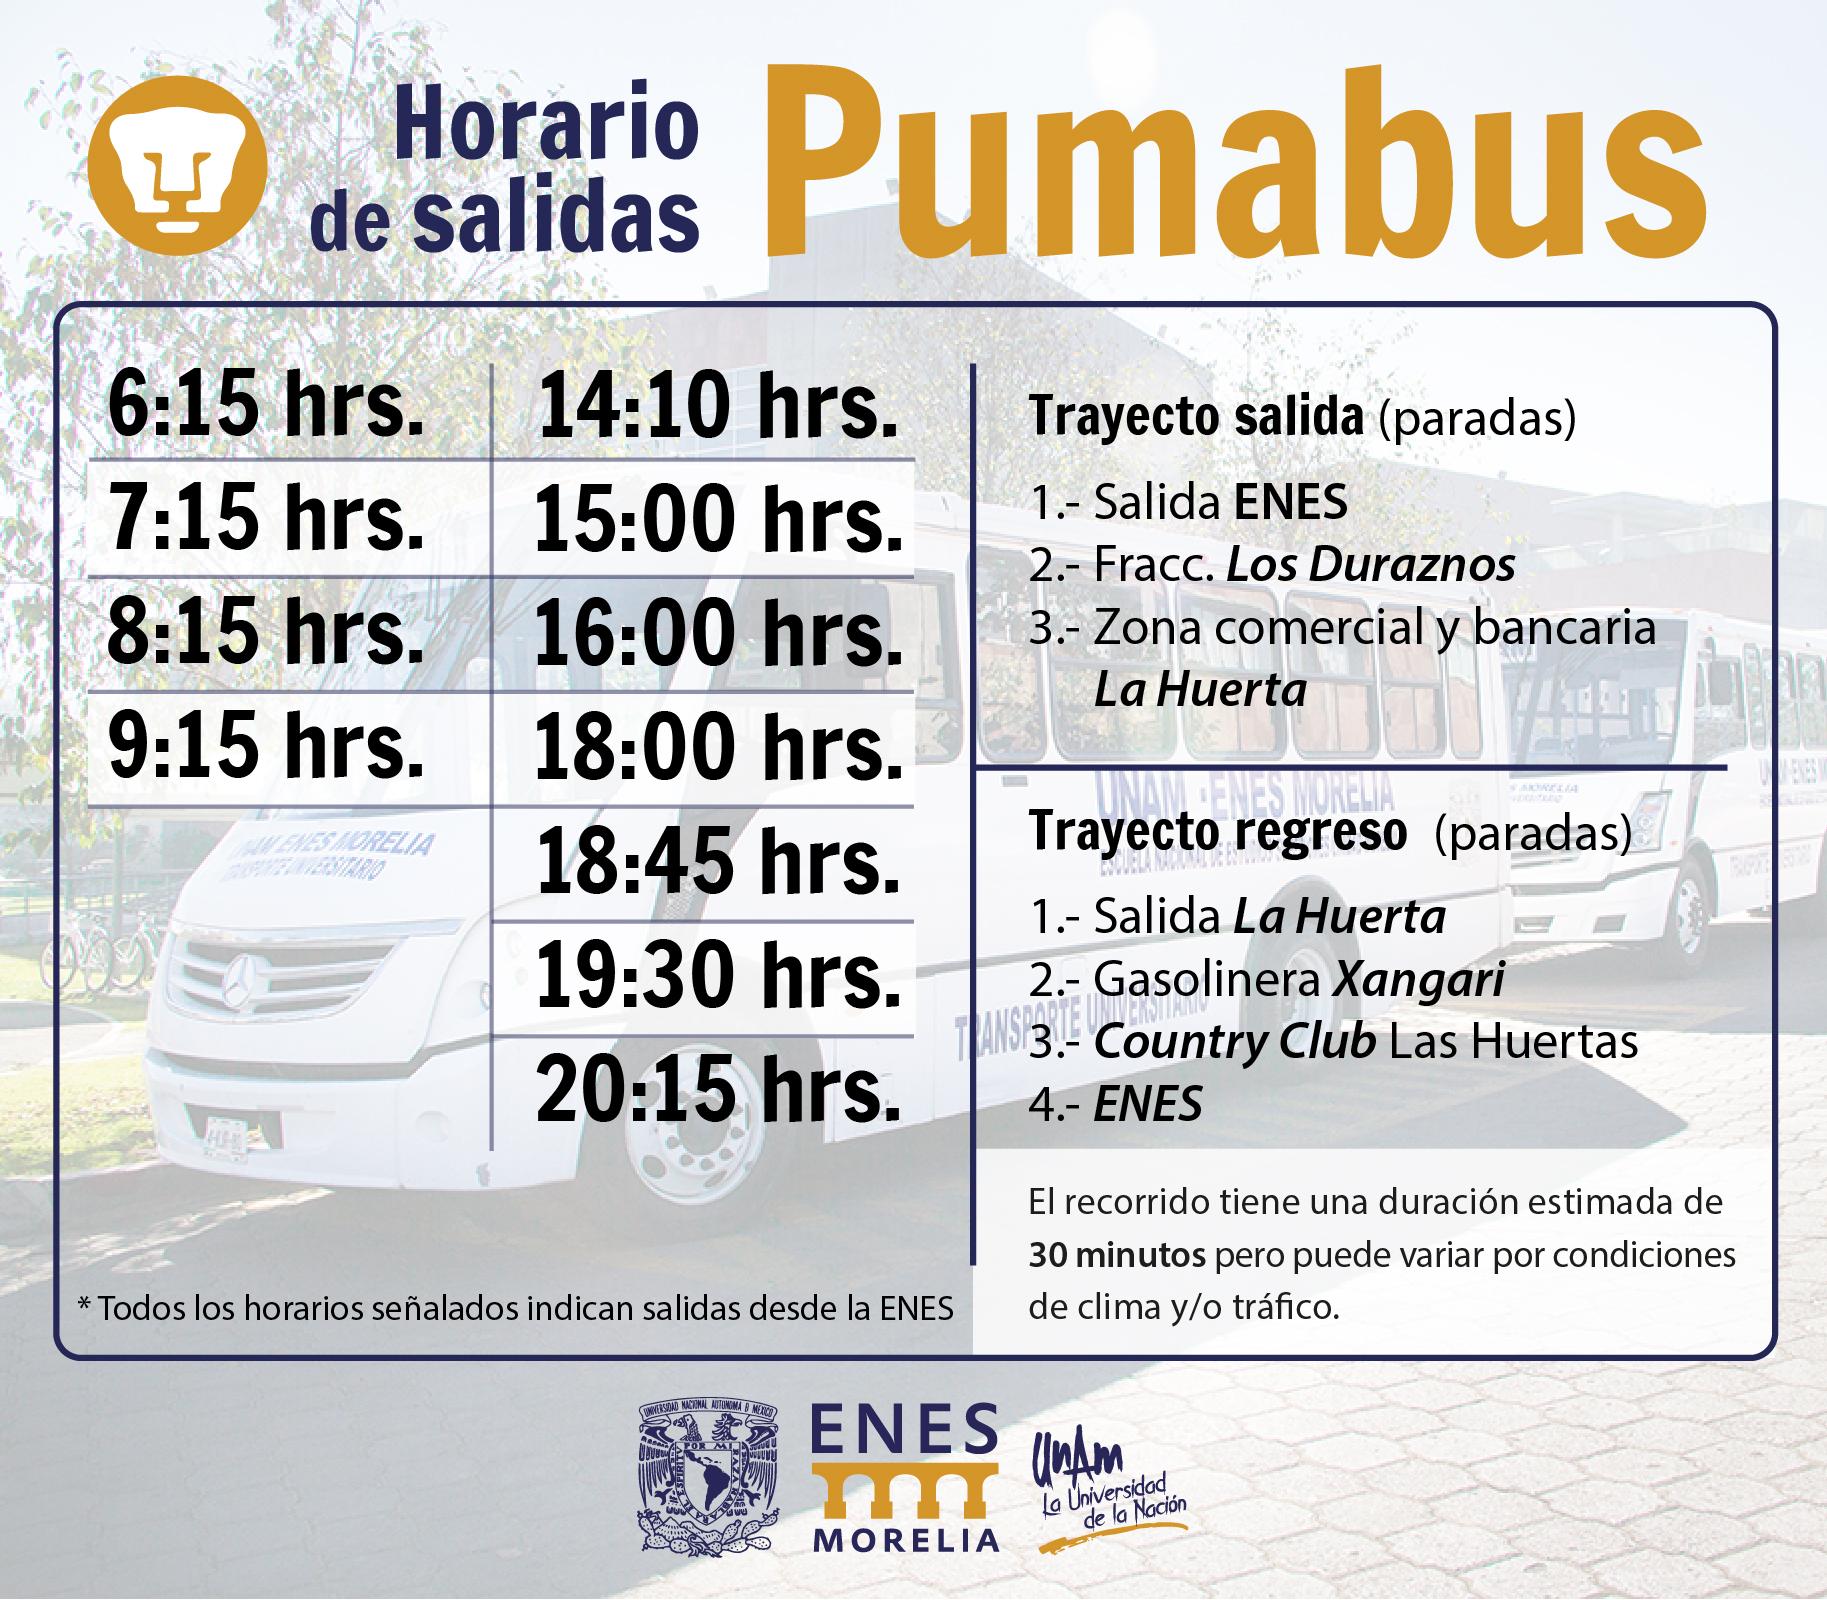 Pumabus-horarios-2020-01